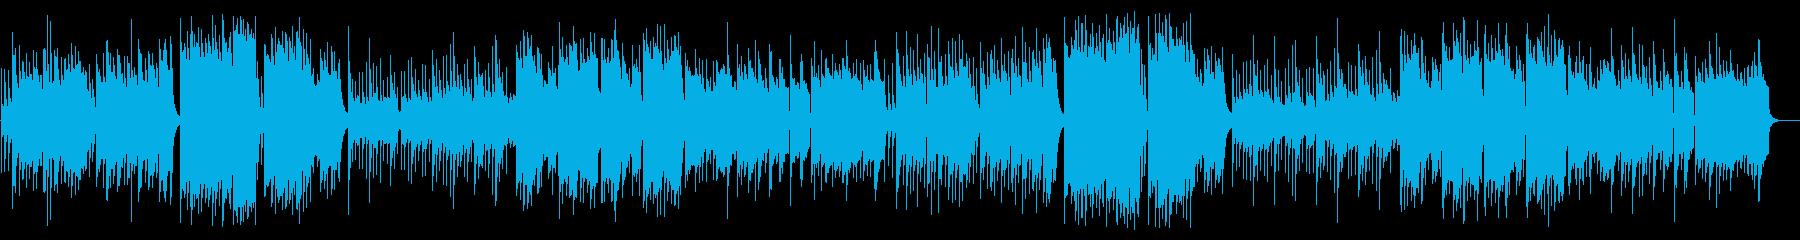 ゆめかわ、可愛いオルゴールとリコーダーの再生済みの波形